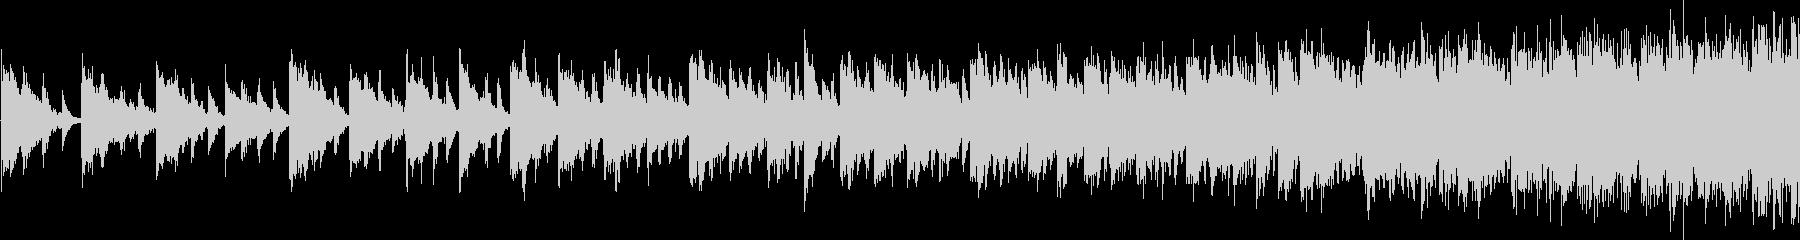 上昇する旋律が次第に早くなるSE_ループの未再生の波形